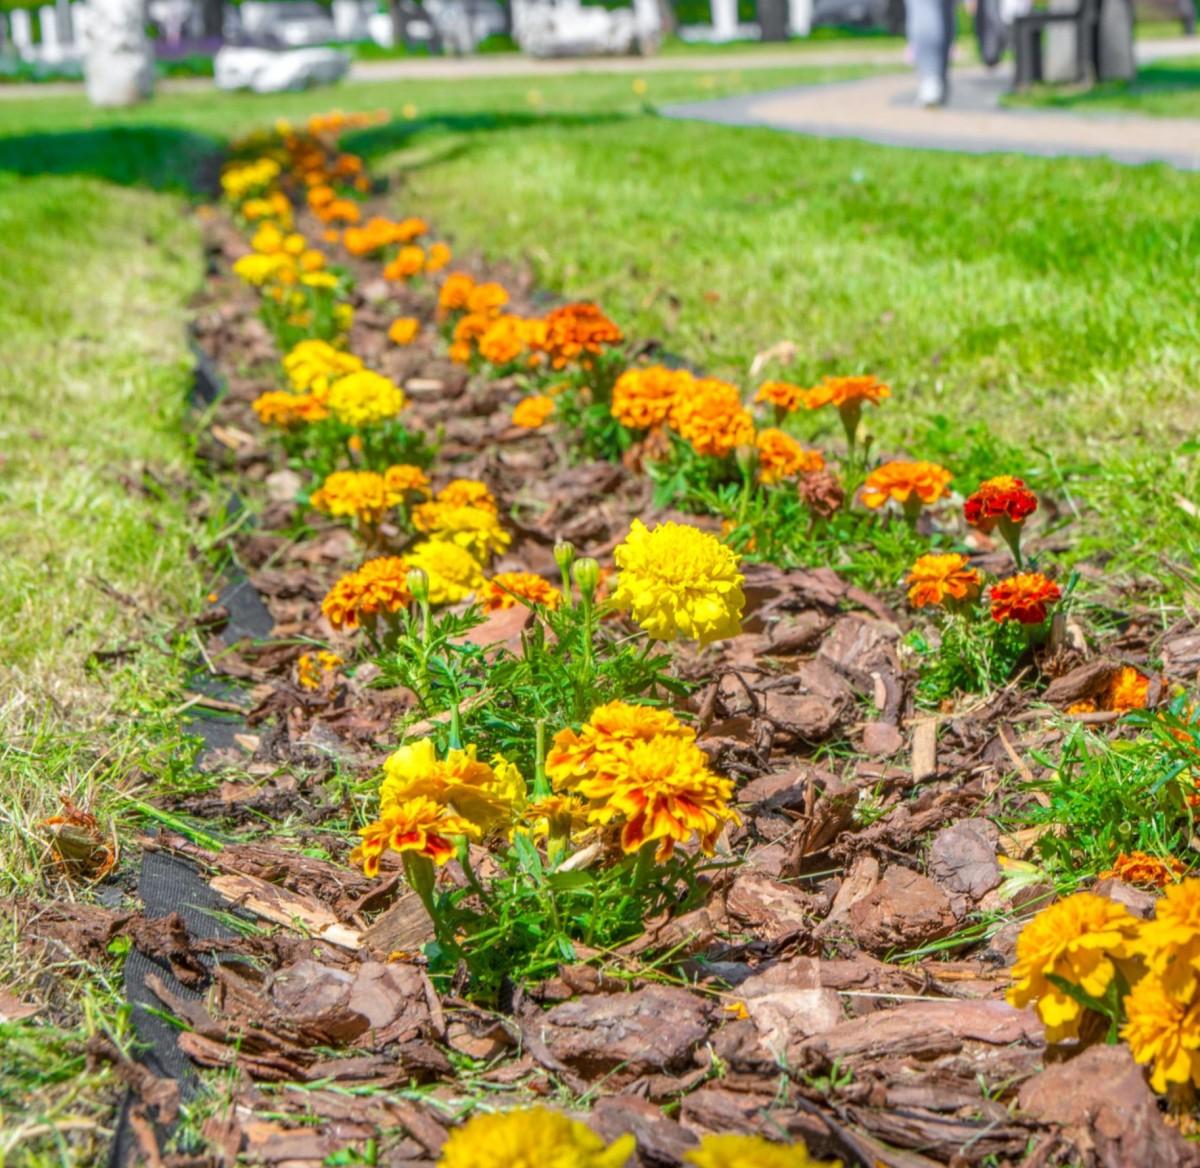 Wiosenne porządki nie ominą miejskiej zieleni